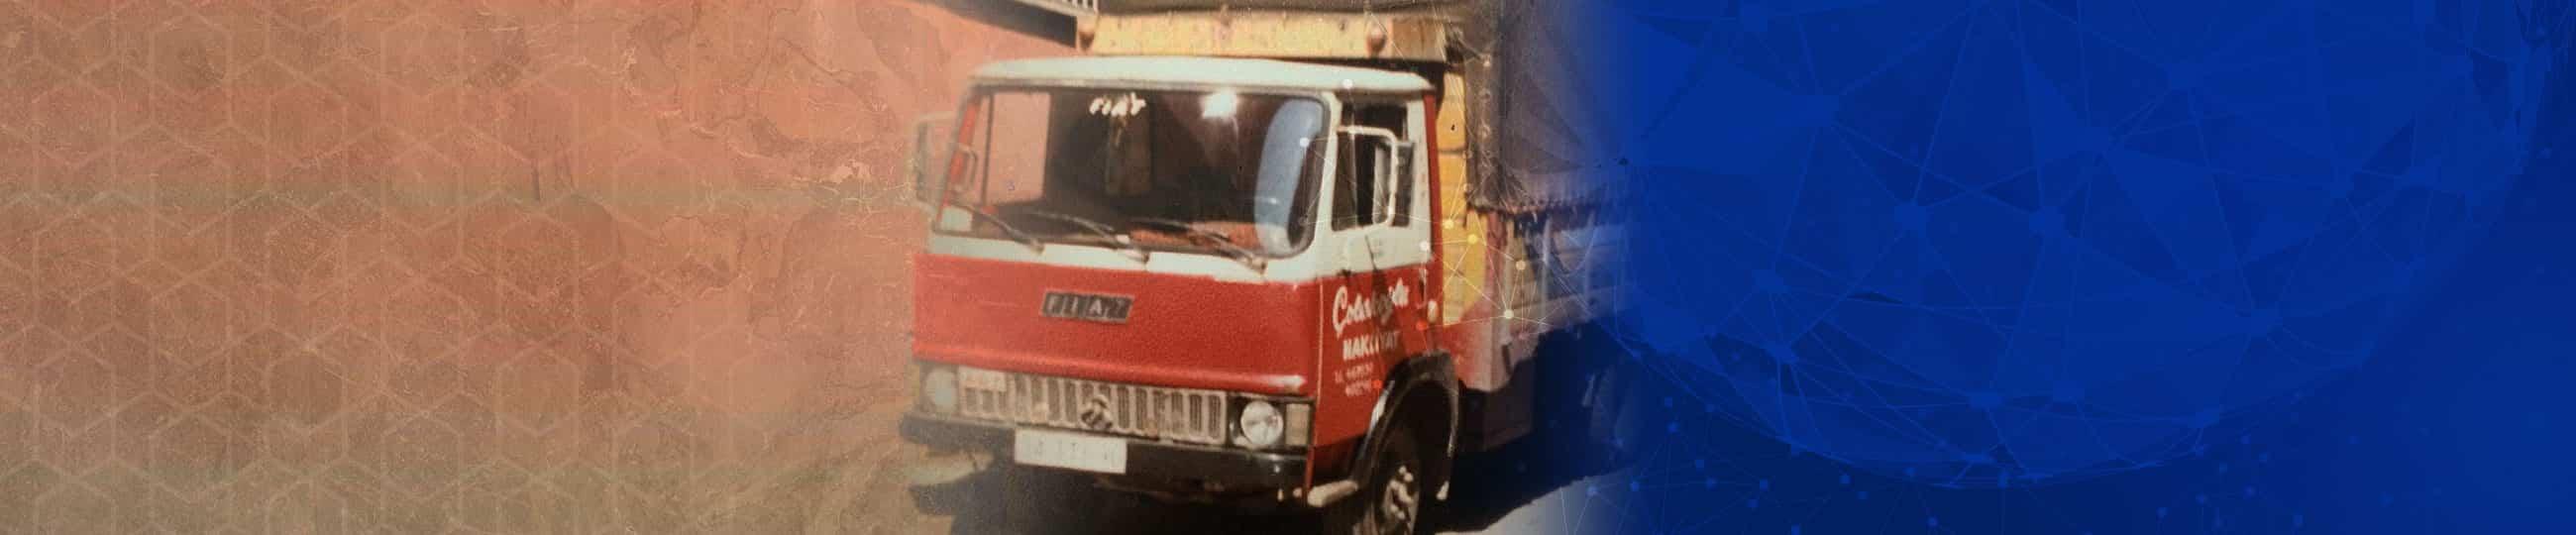 Çolakoğlu Nakliyat® - 1979, Şişli / Bomonti